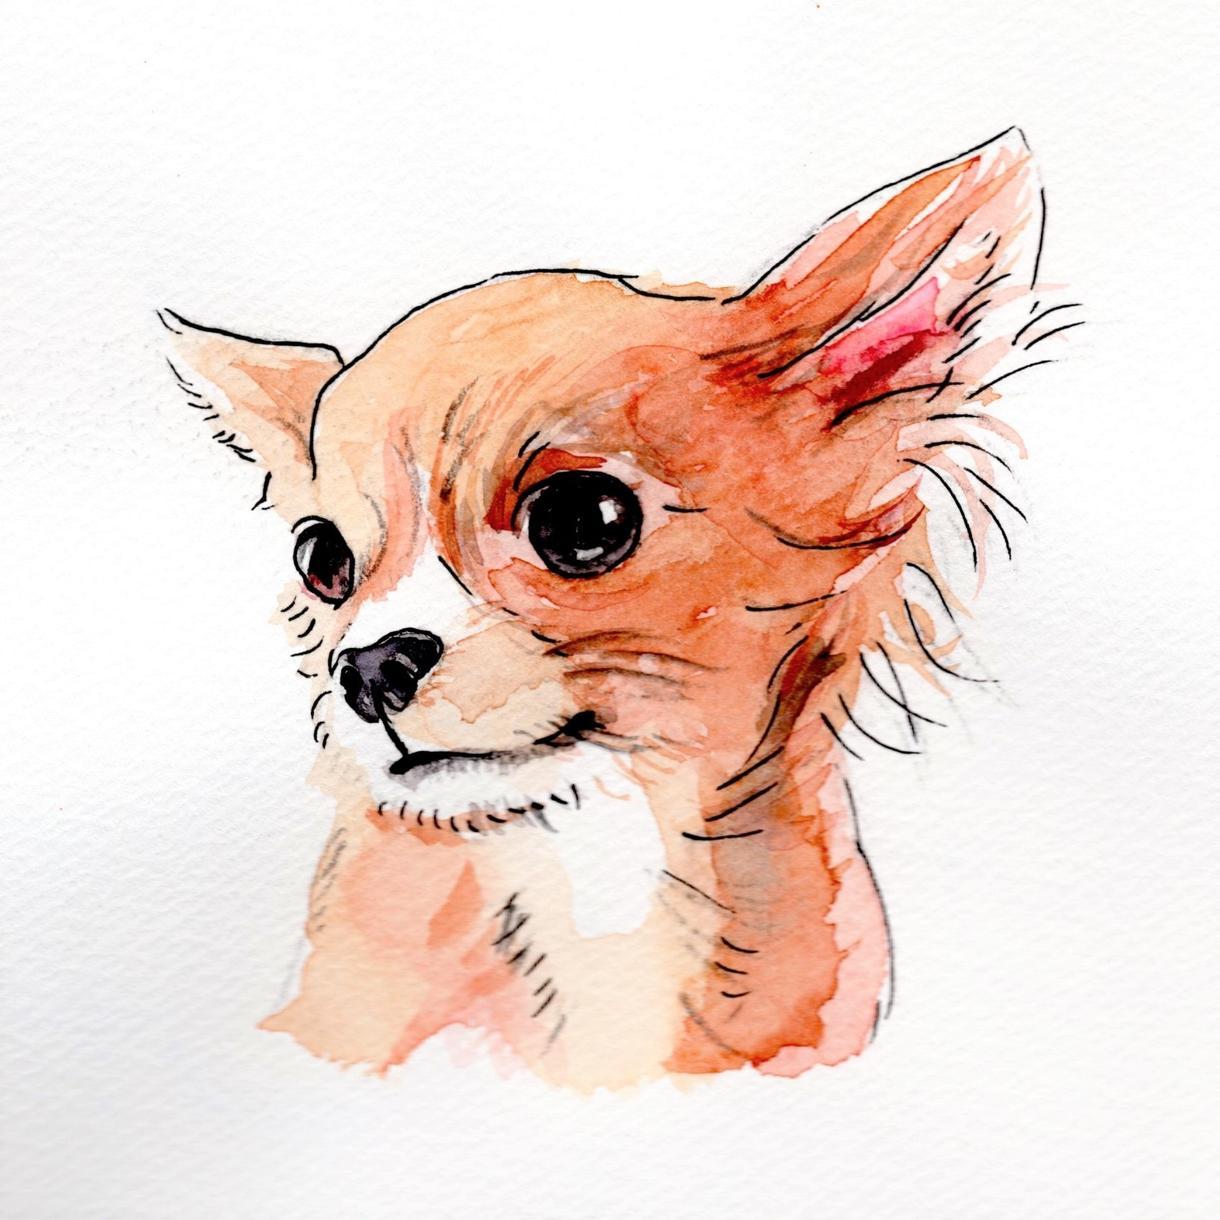 ペットの似顔絵、描きます 心を込めた手描きで、あたたかみのある作品♪